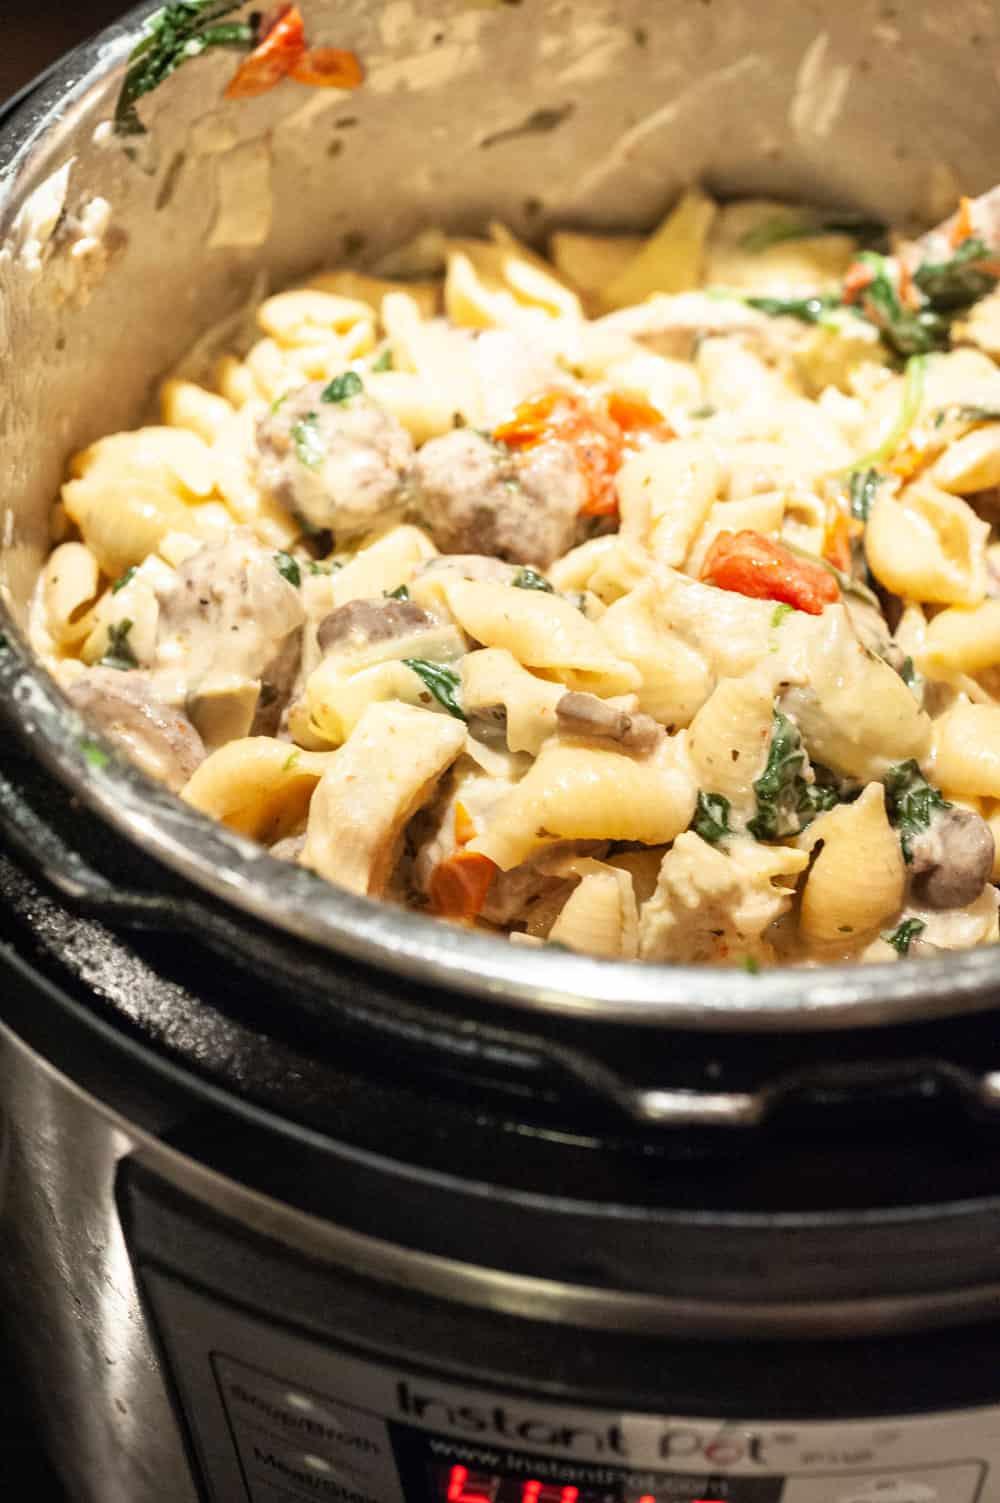 Instant pot full of creamy pasta.